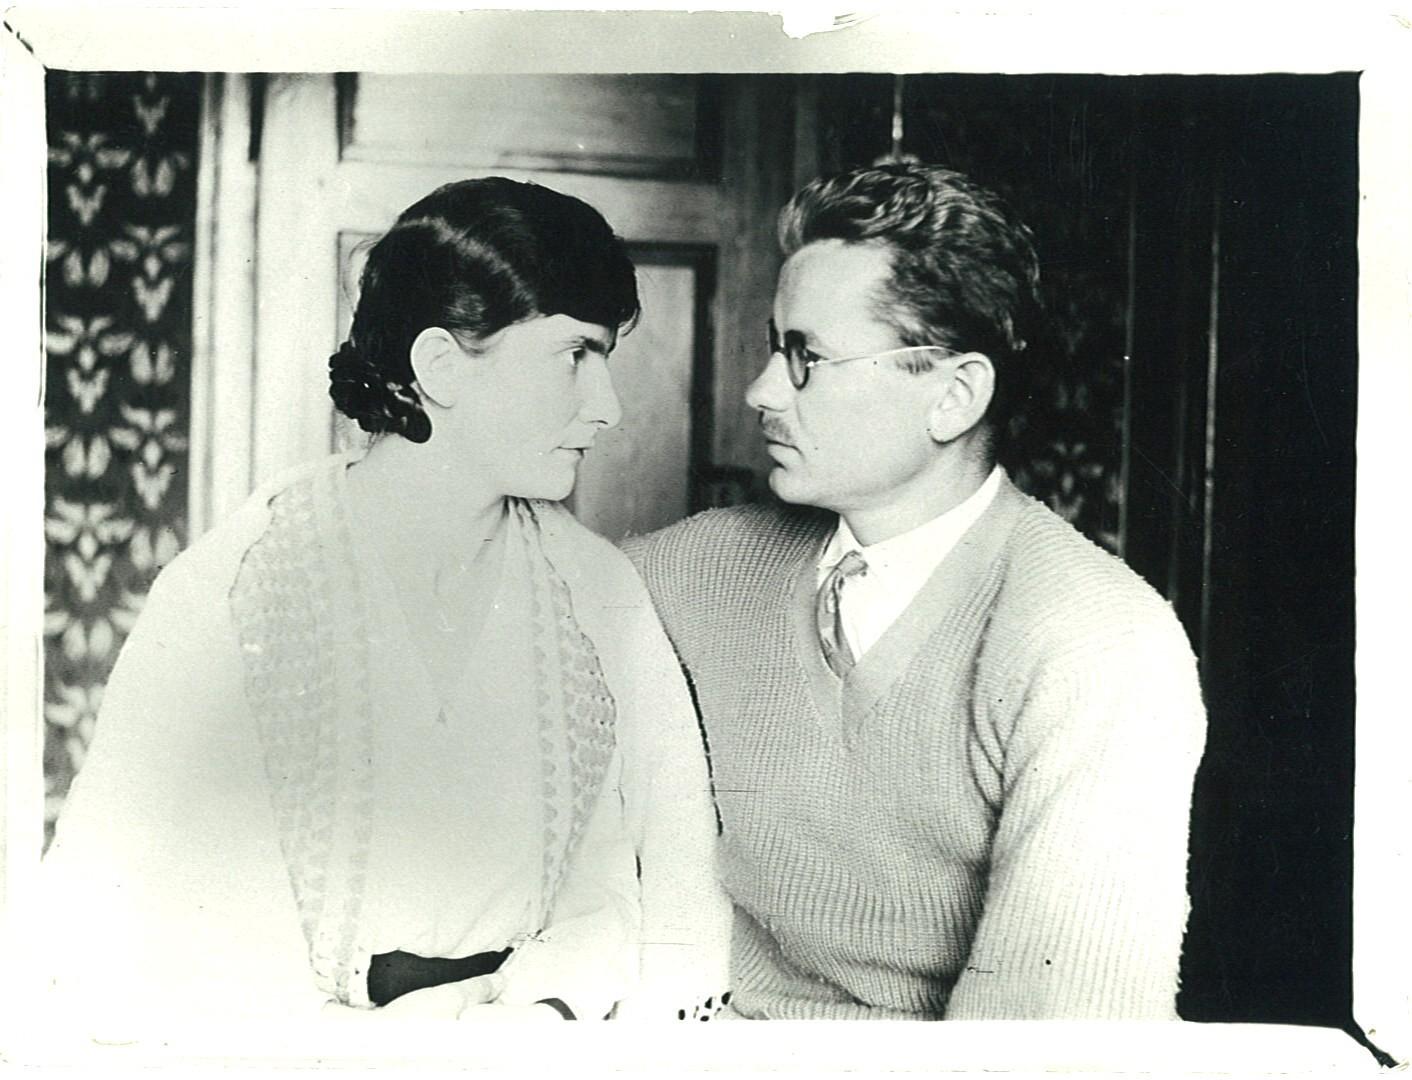 Ізабелла і Міхал Паздановські, бабуся і дідусь Ґабі. Фото: сімейний архів Паздановських